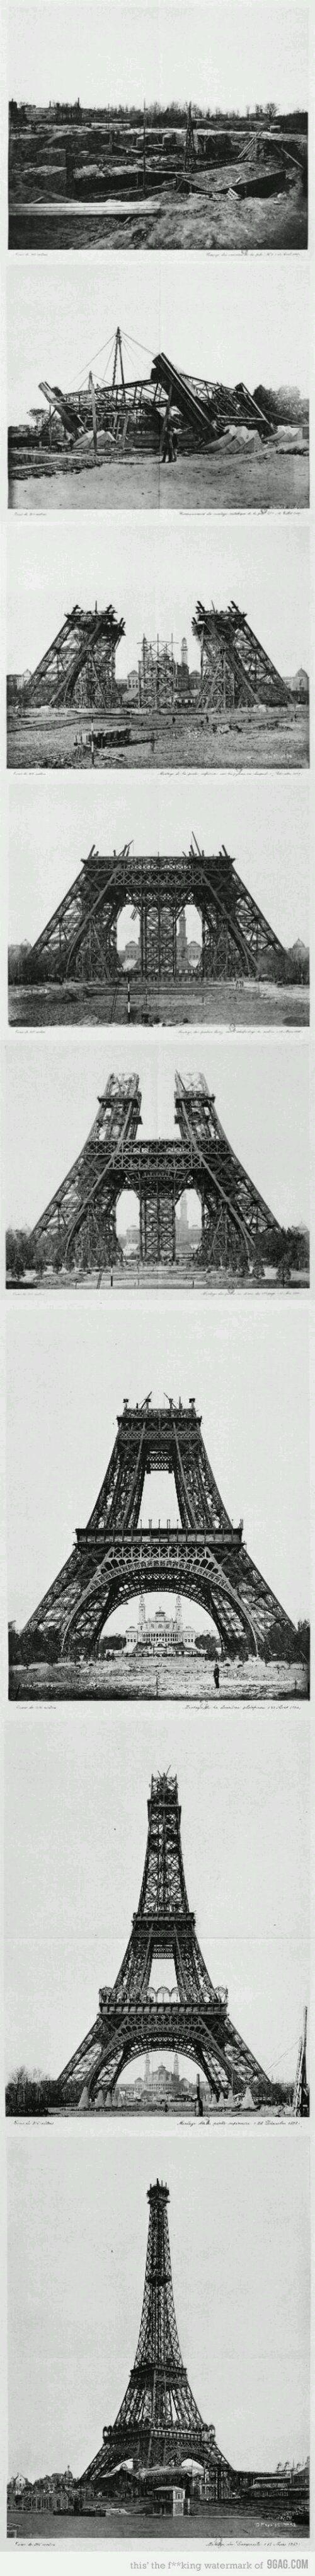 Costruzione della Torre Eiffel:  http://vincenzocantone.wordpress.com/2012/12/13/costruzione-della-torre-eiffel/